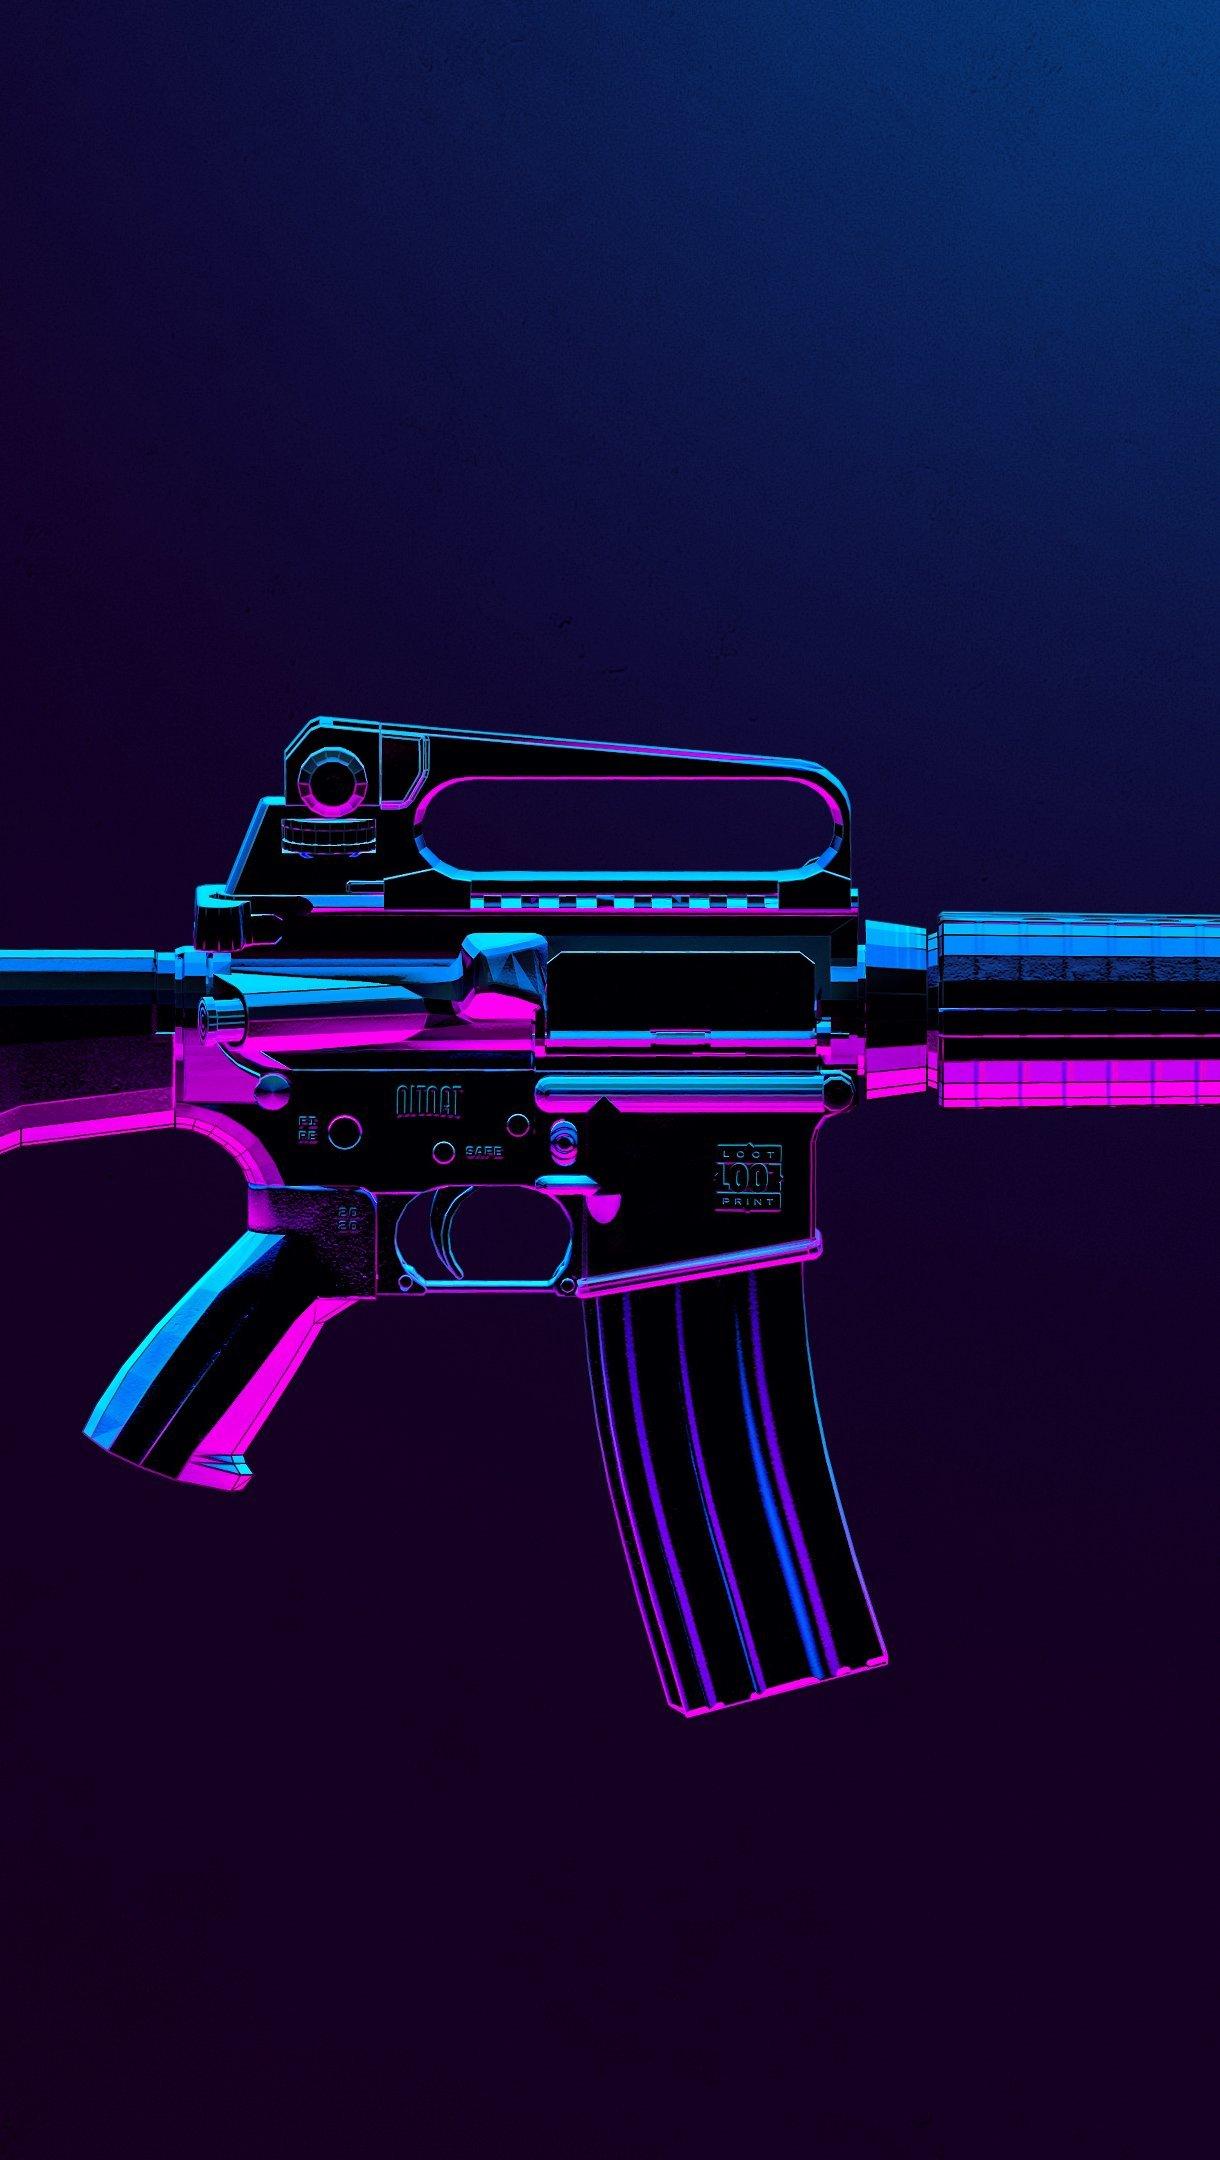 Fondos de pantalla Arma M16 de PUBG Vertical